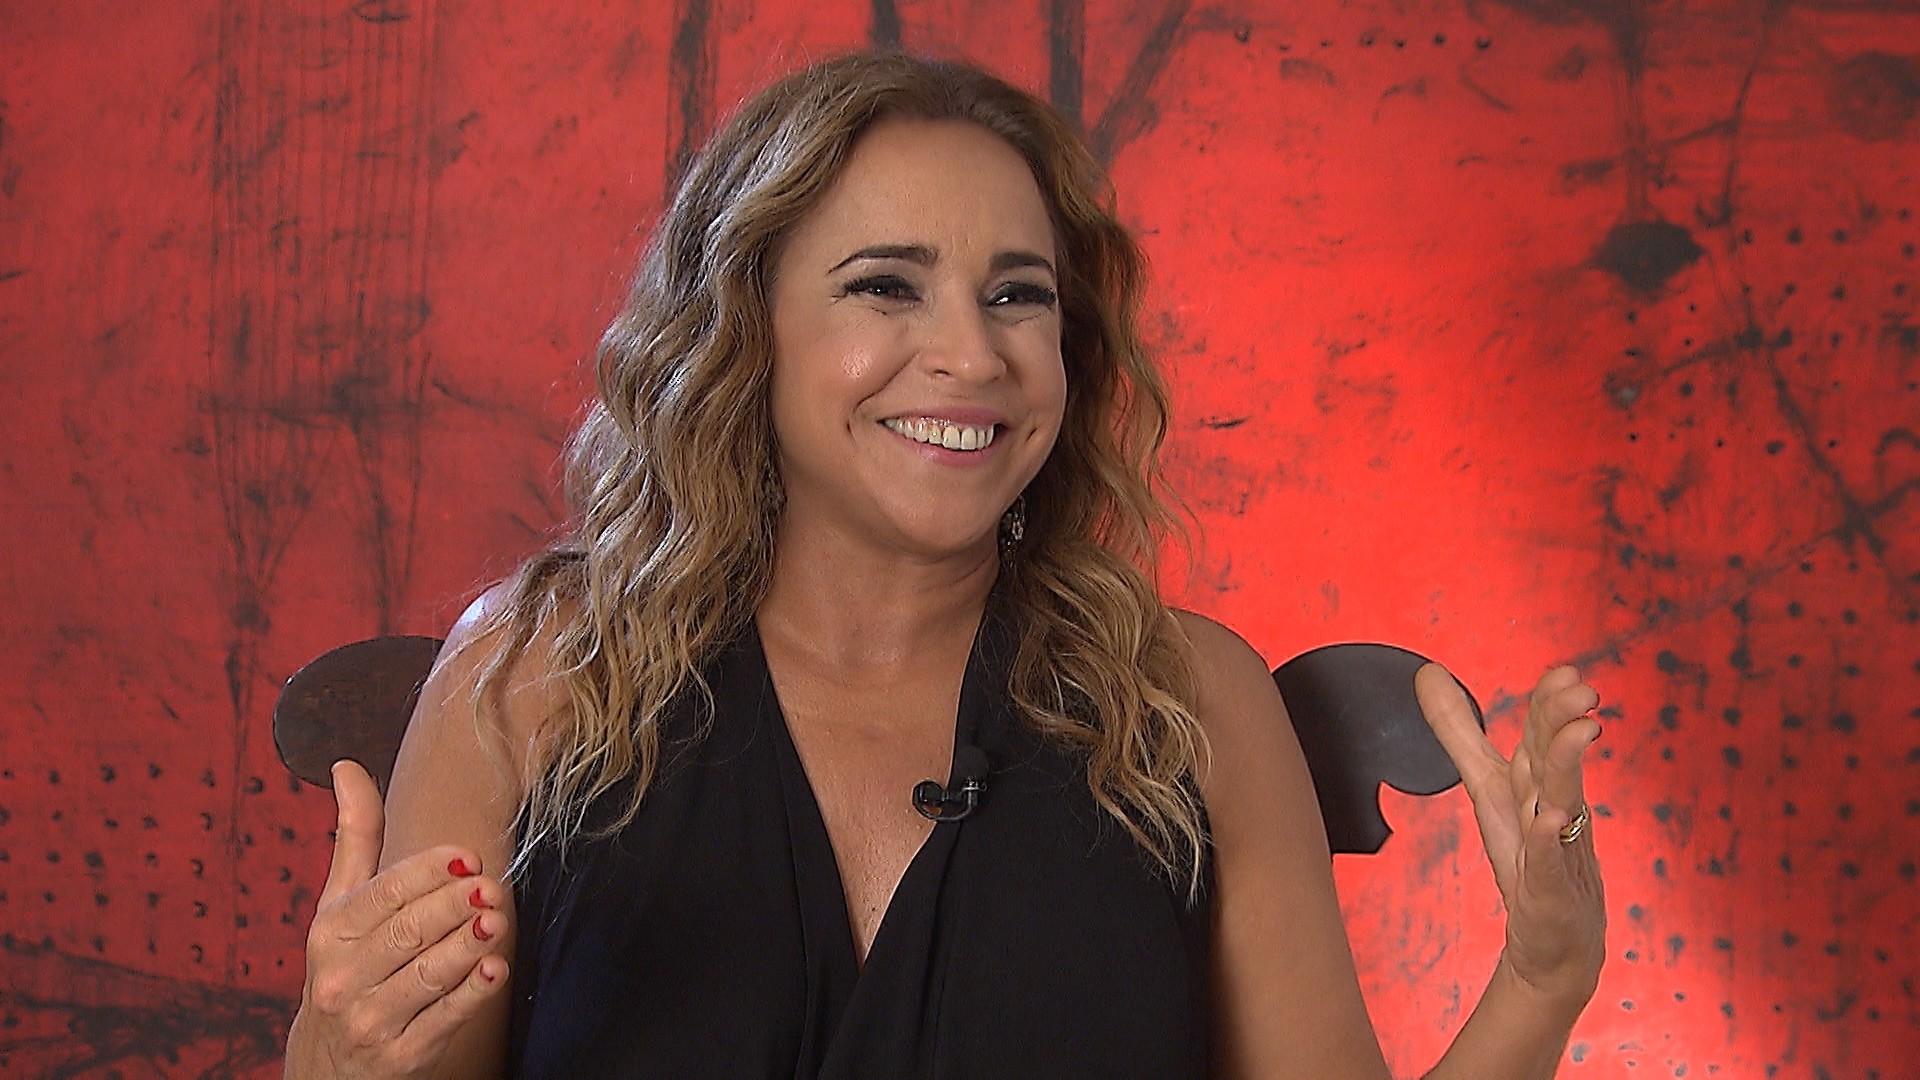 Série Em Off traz na estreia uma entrevista com a cantora Daniela Mercury (Foto: Divulgação)